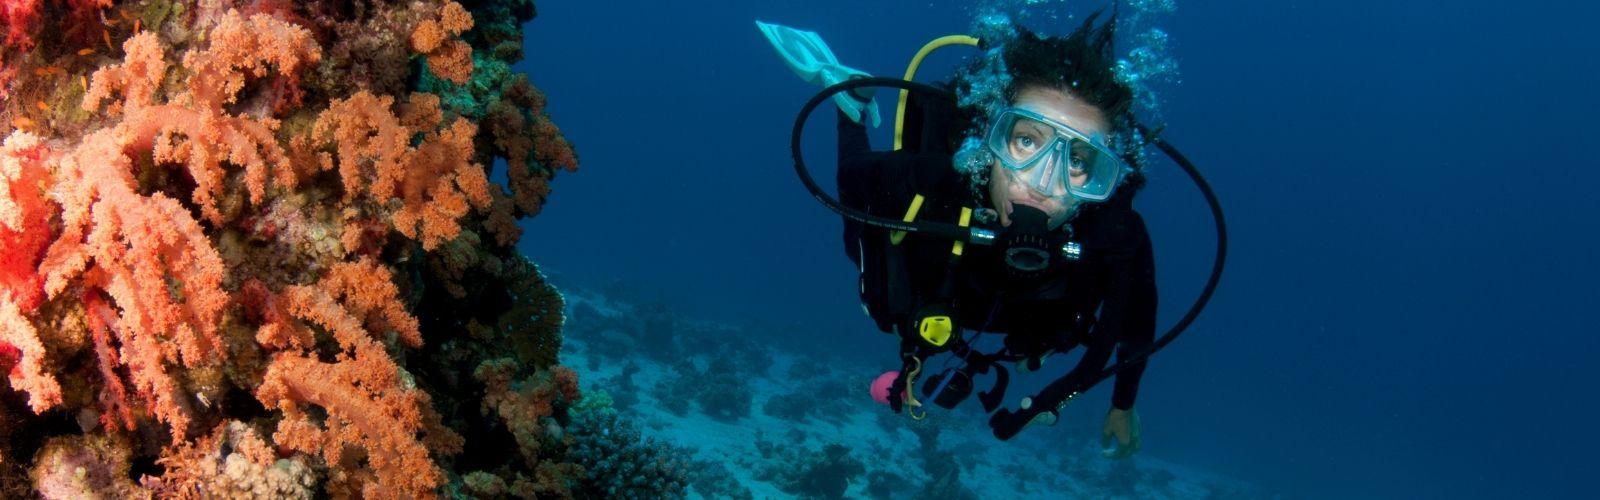 6 places to go scuba-diving